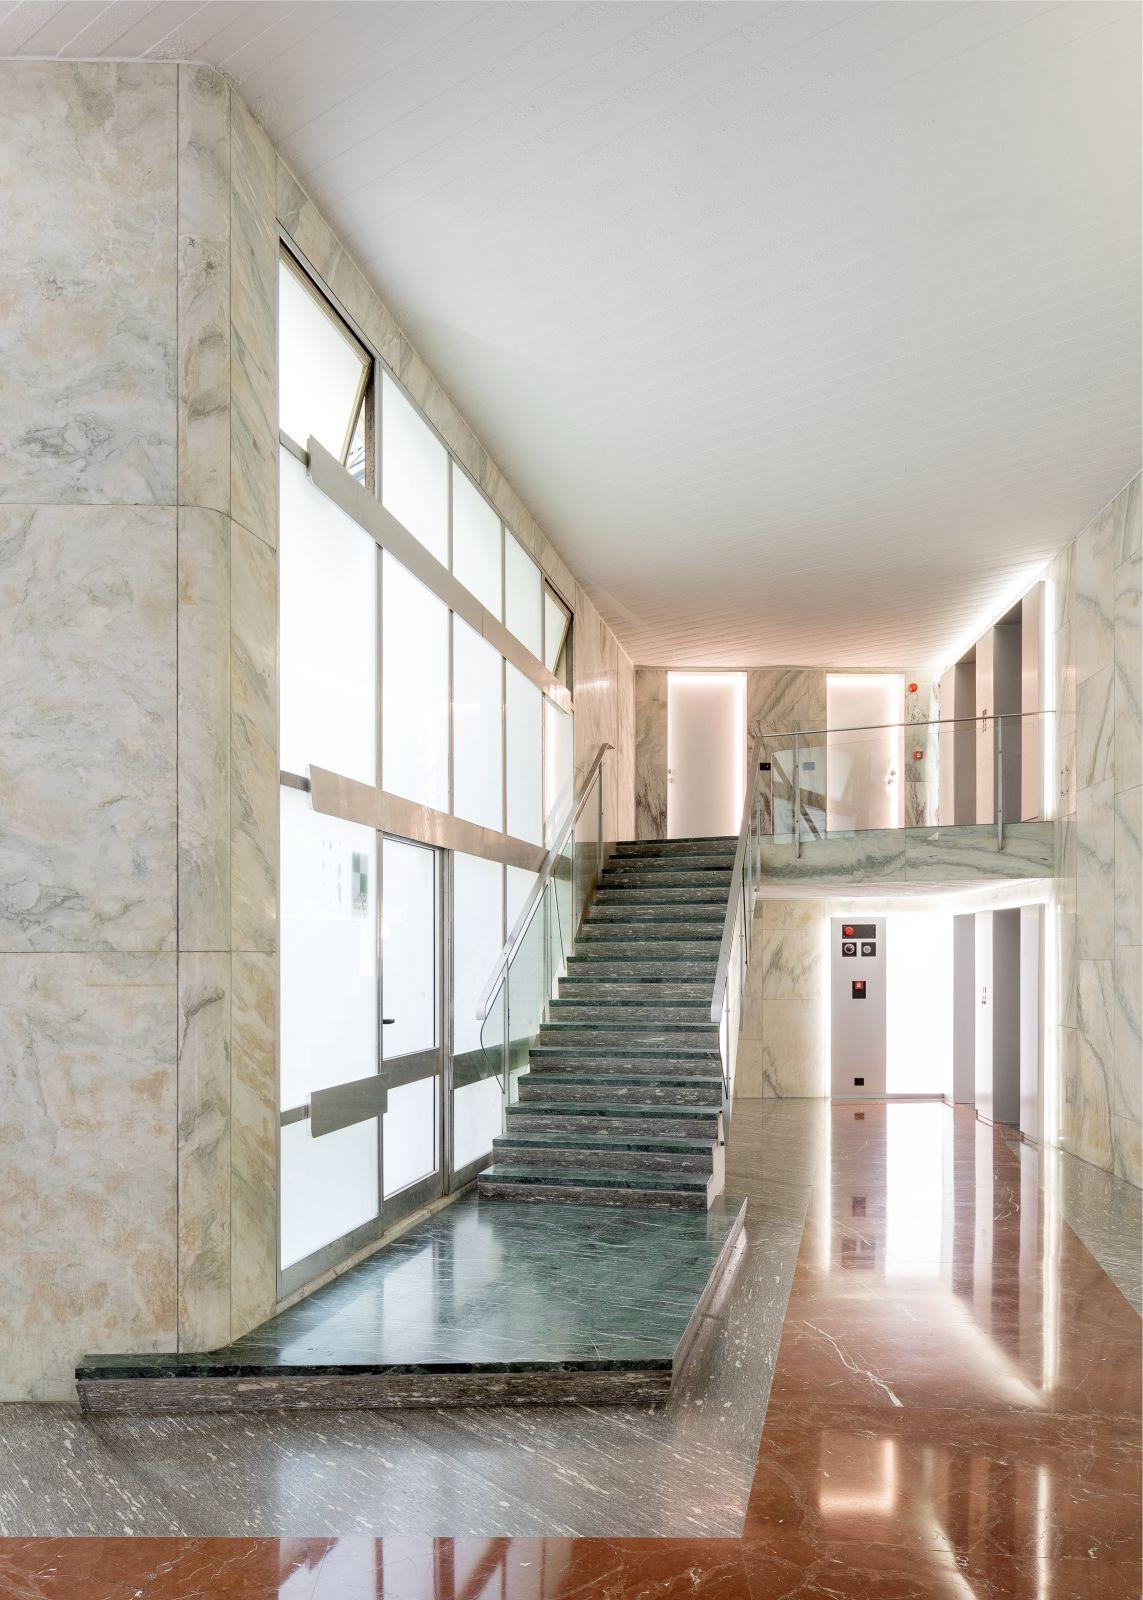 Galleria San Carlo and of Galleria Passerella 2